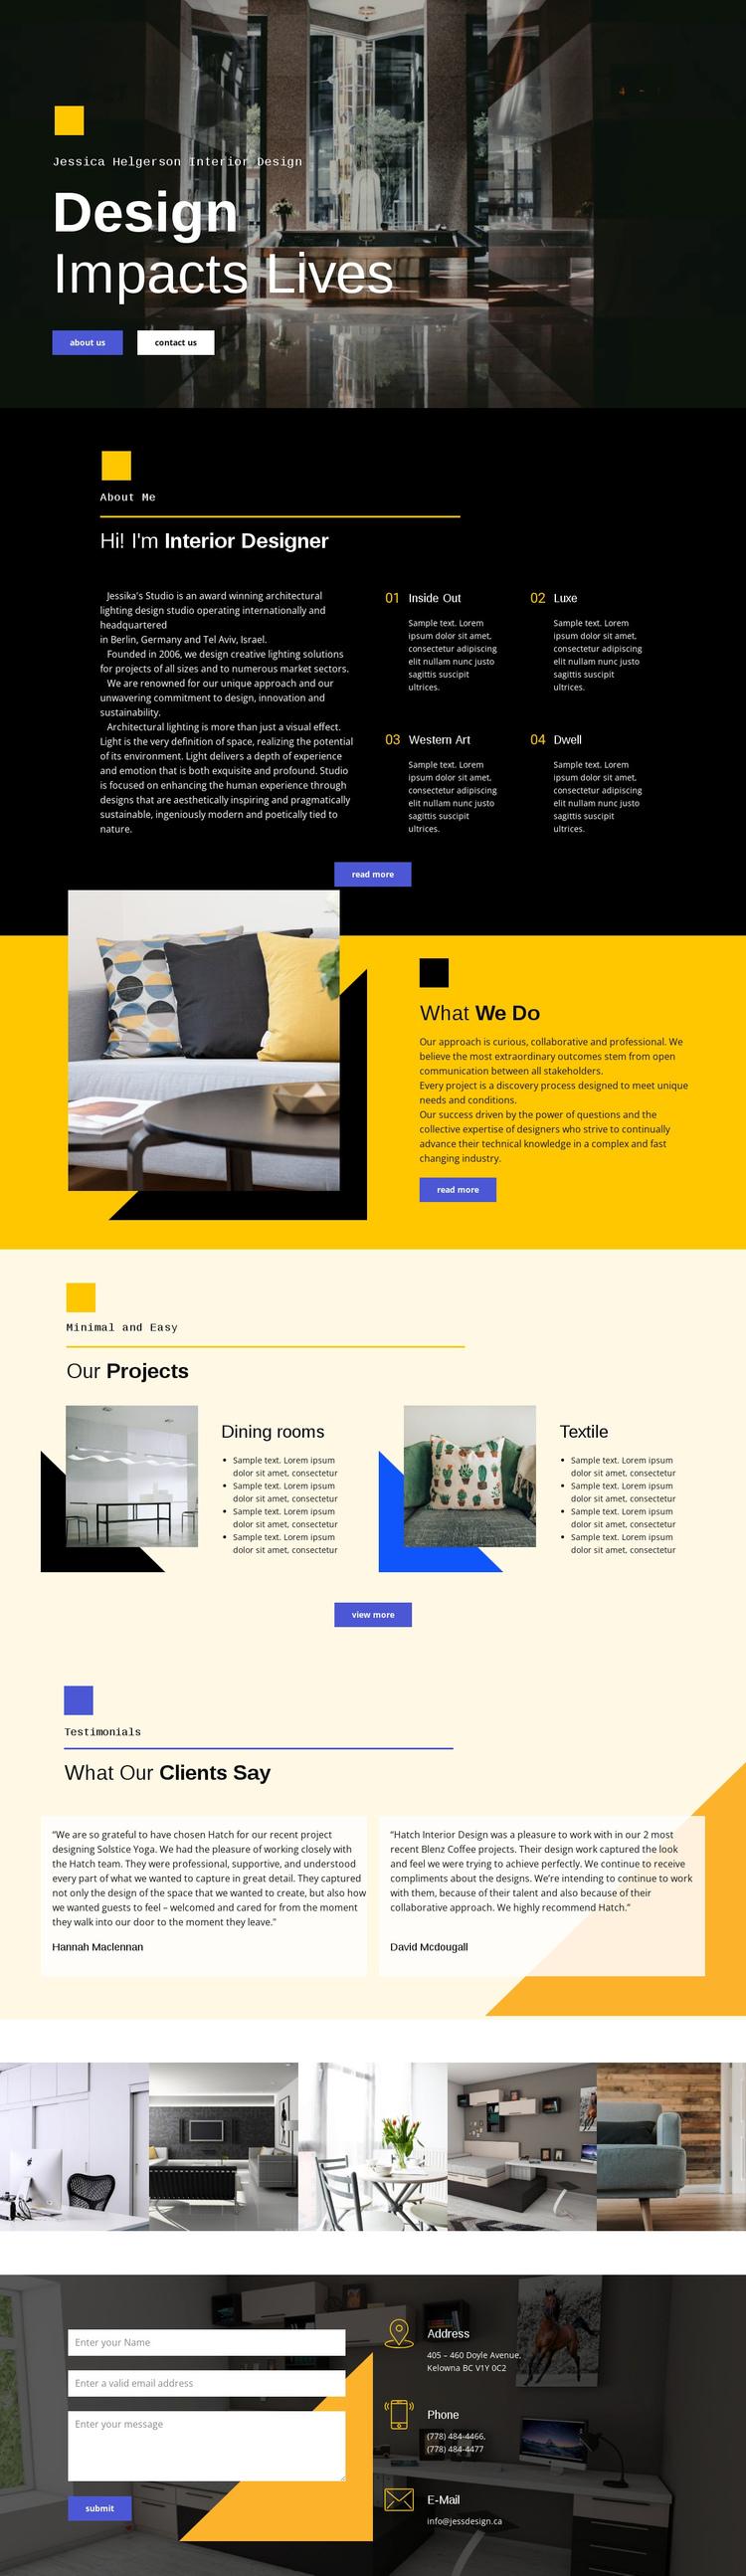 Design affects life Website Builder Software